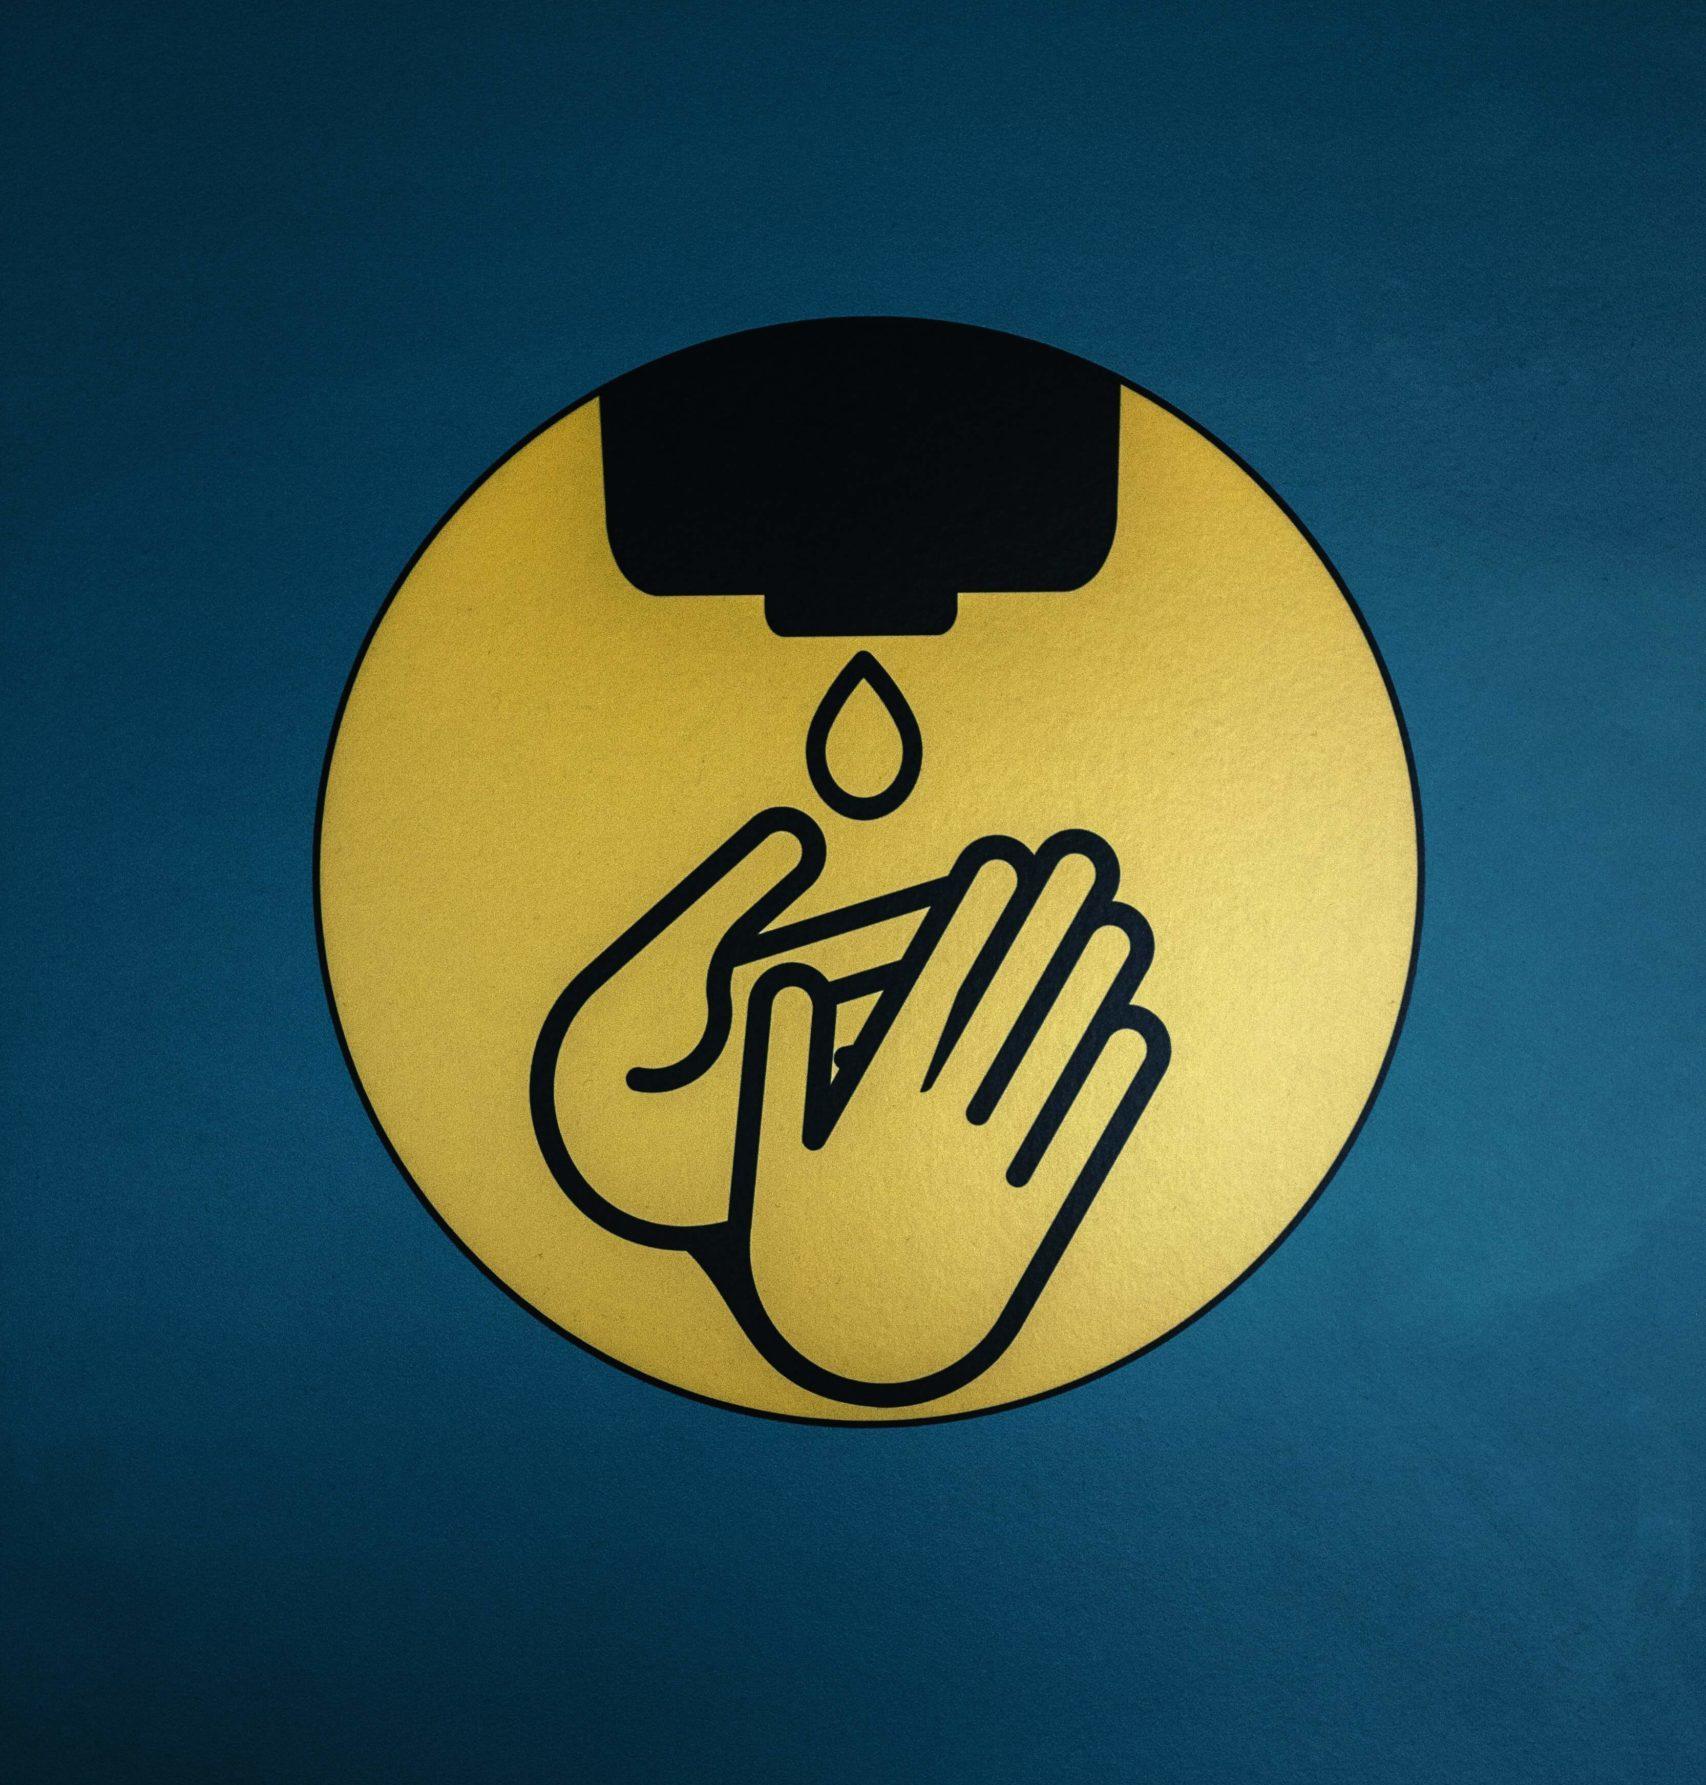 På billedet ses et symbol med to hænder, der spritter af